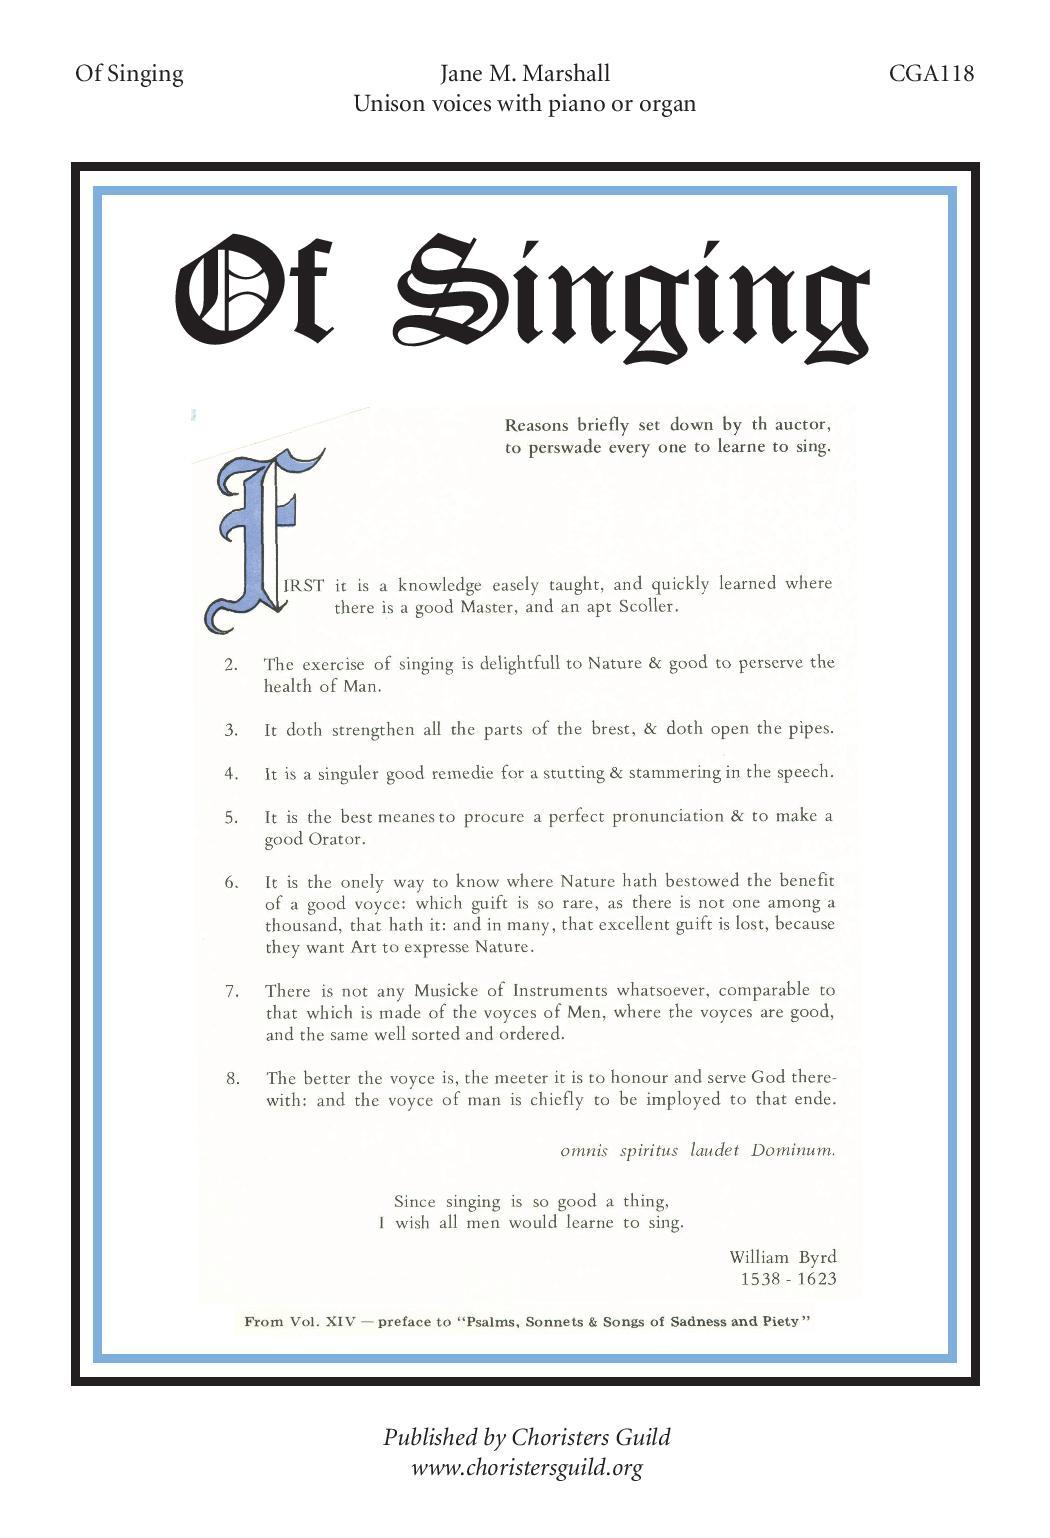 Of Singing